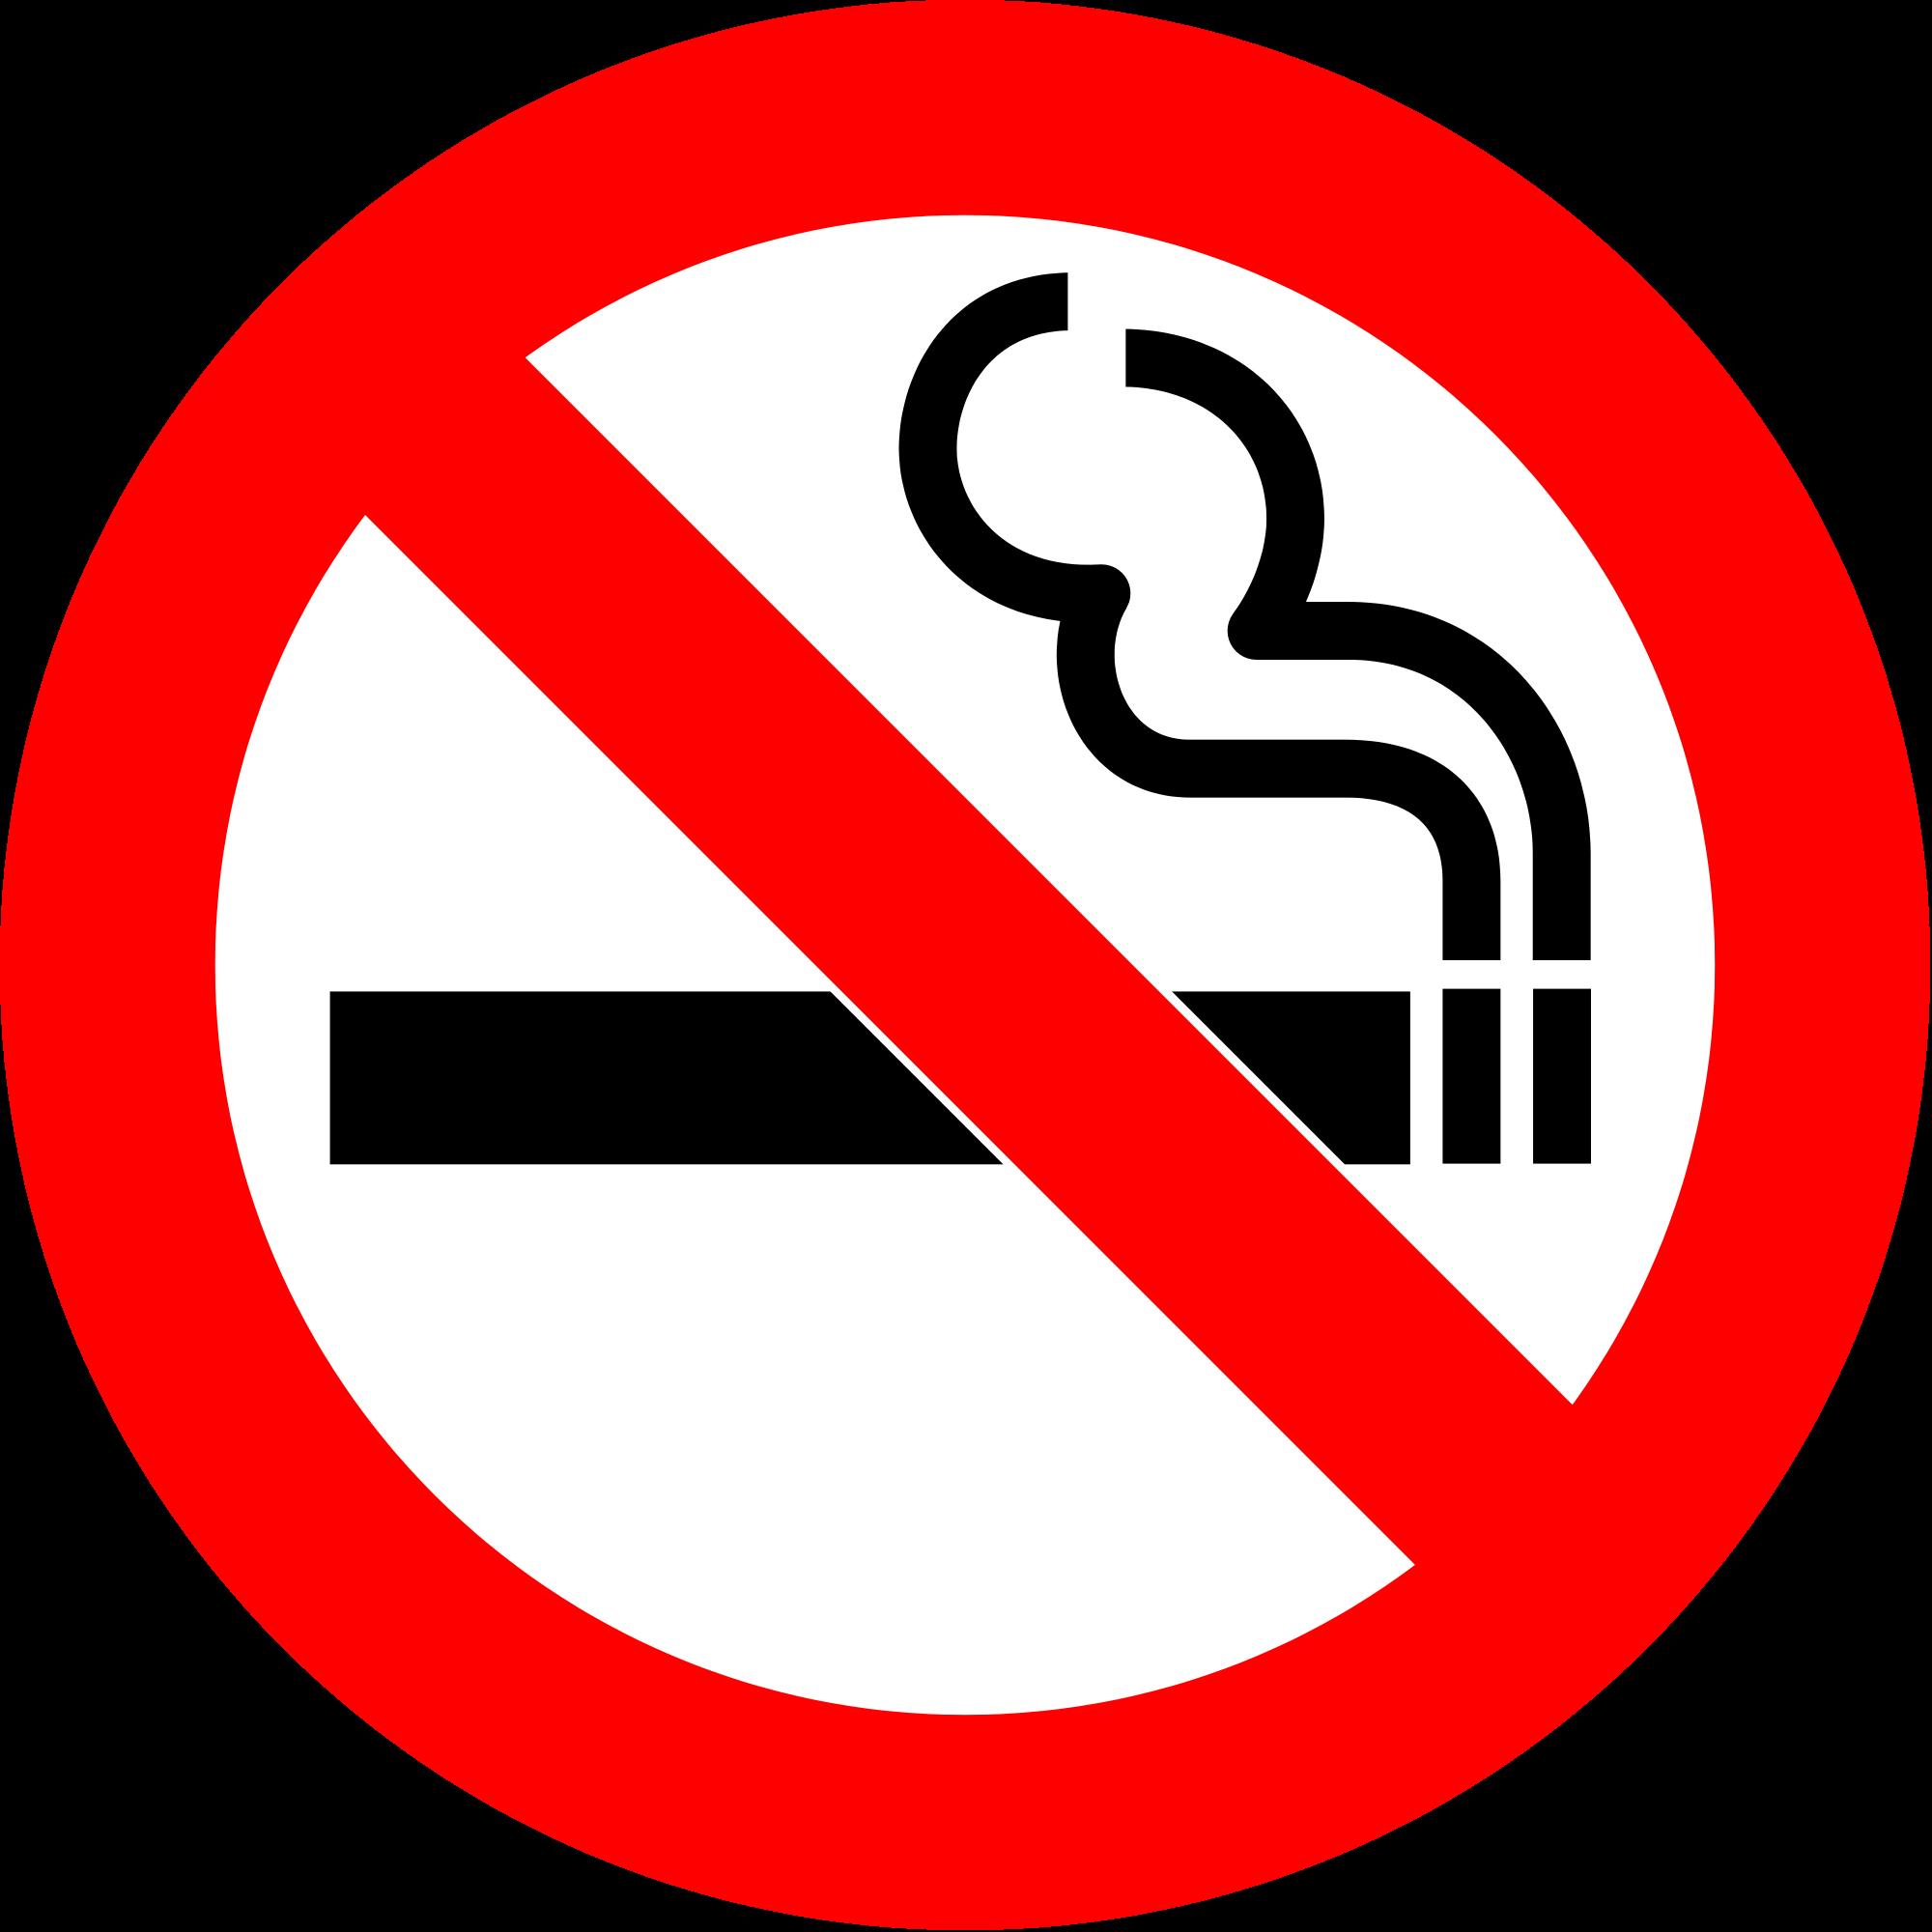 Международный день отказа от курения. Не курить